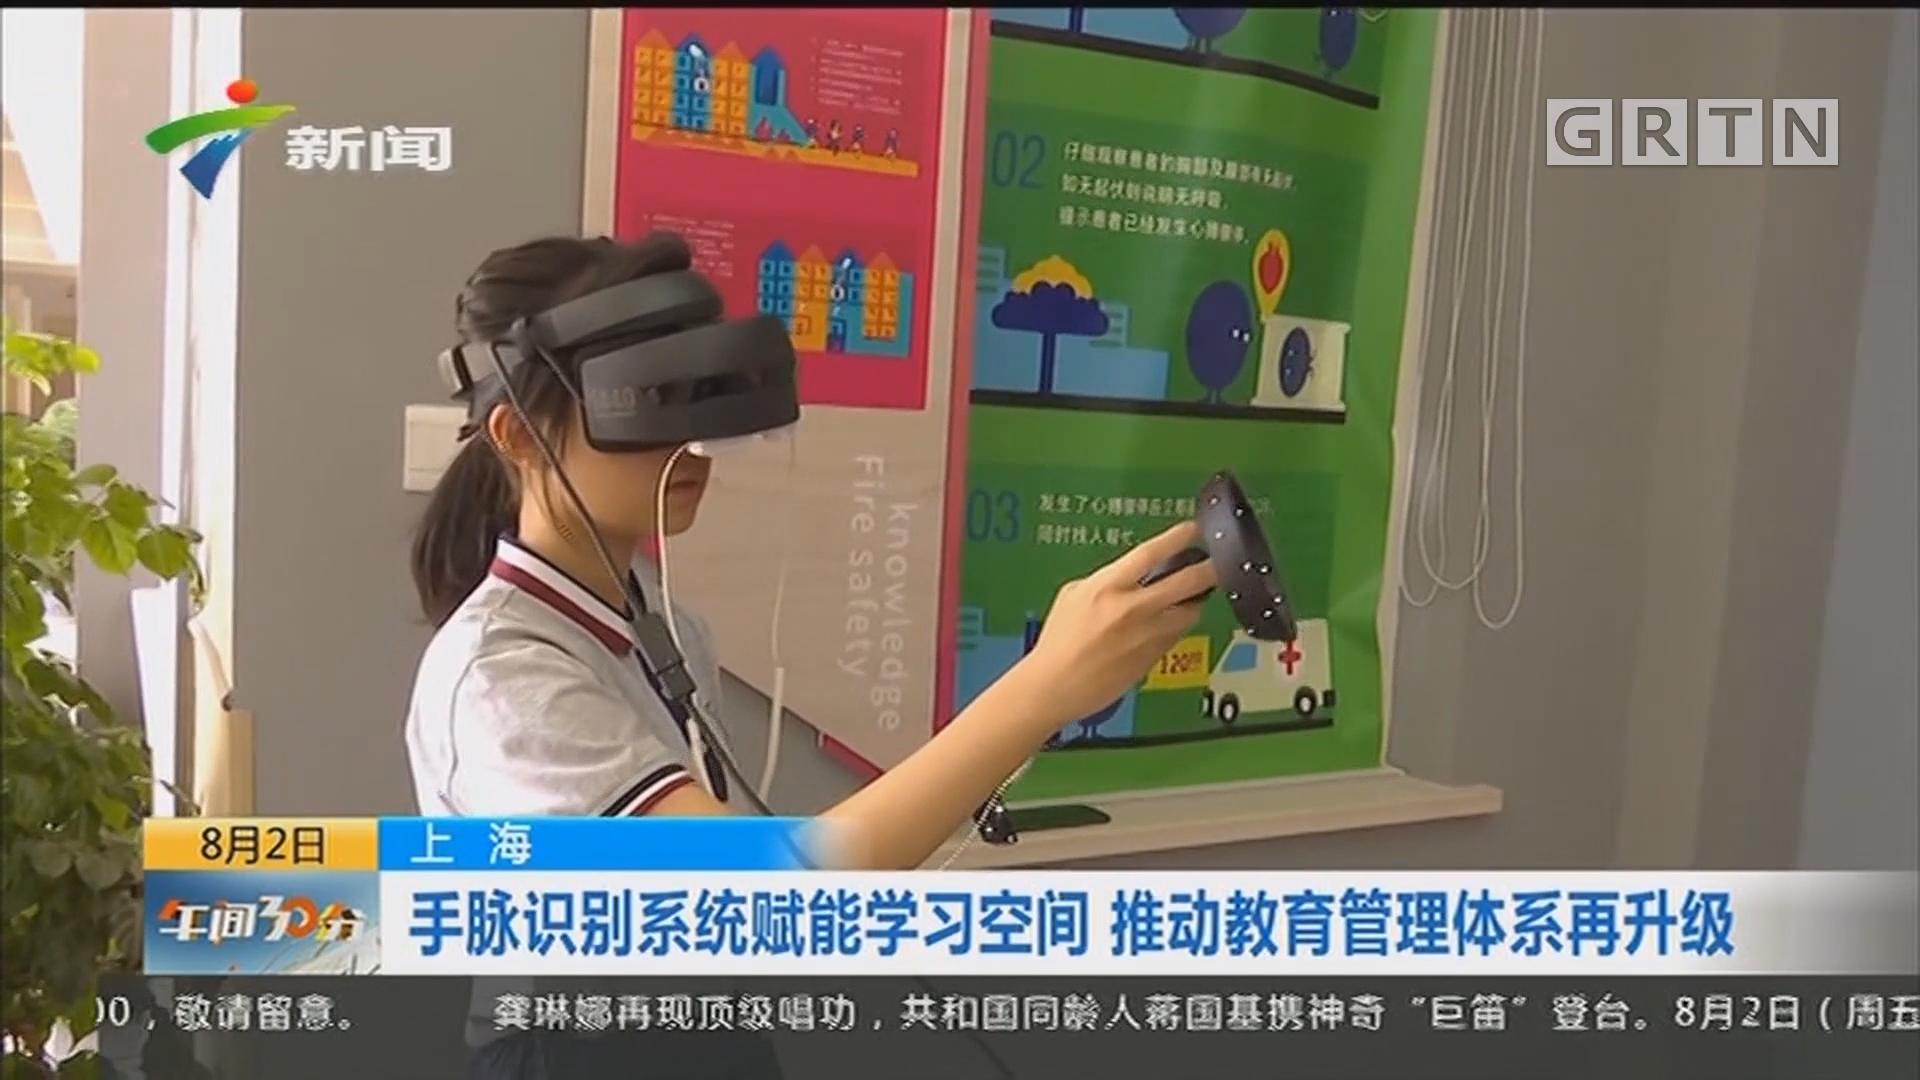 上海:手脉识别系统赋能学习空间 推动教育管理体系再升级